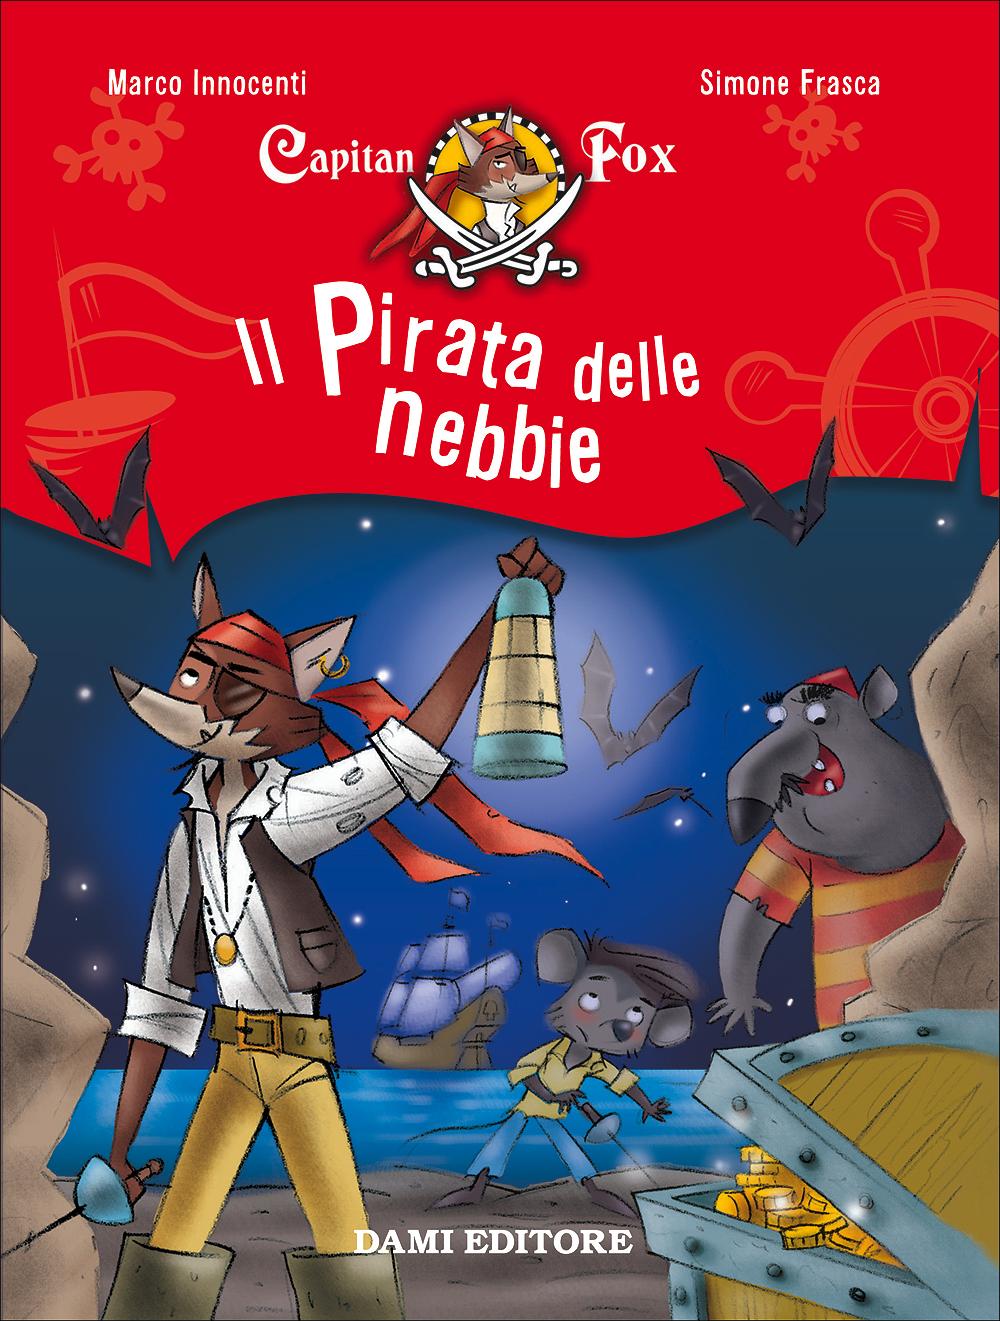 Capitan Fox - Il Pirata delle nebbie